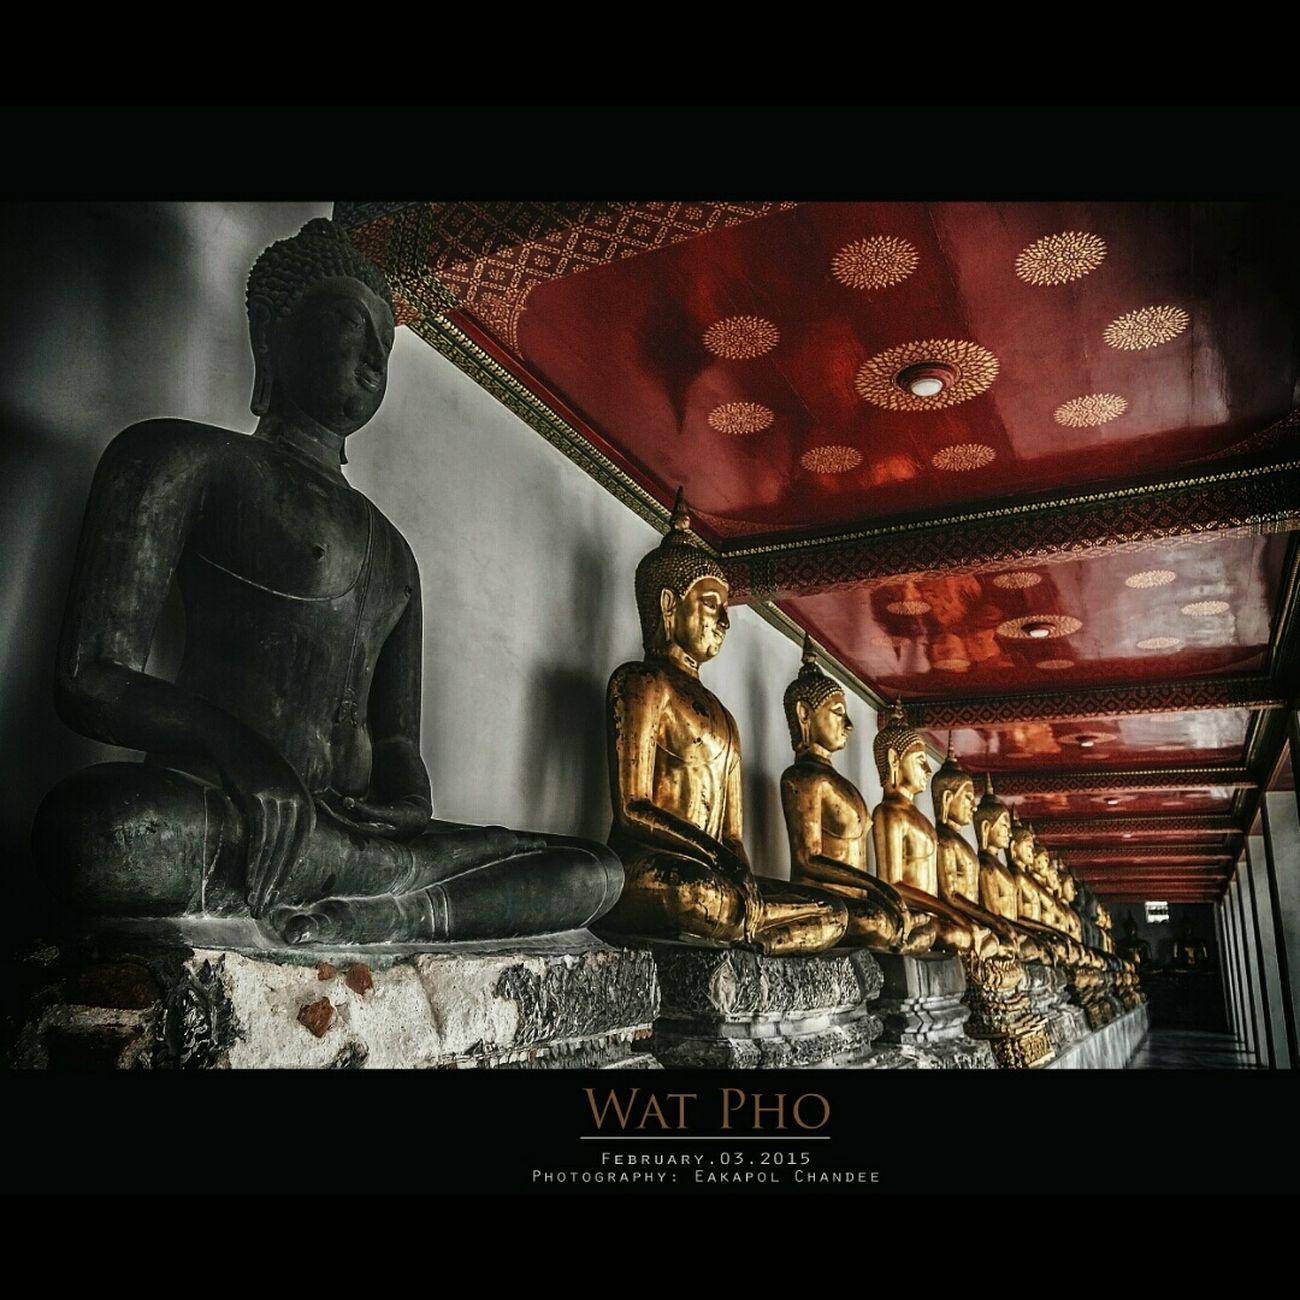 วัดเชตุพนวิมลมังคลารามราชวรมหาวิหาร Watpho Buddha Photoshoot Photography Canon650d Eos650 วัดโพธิ์